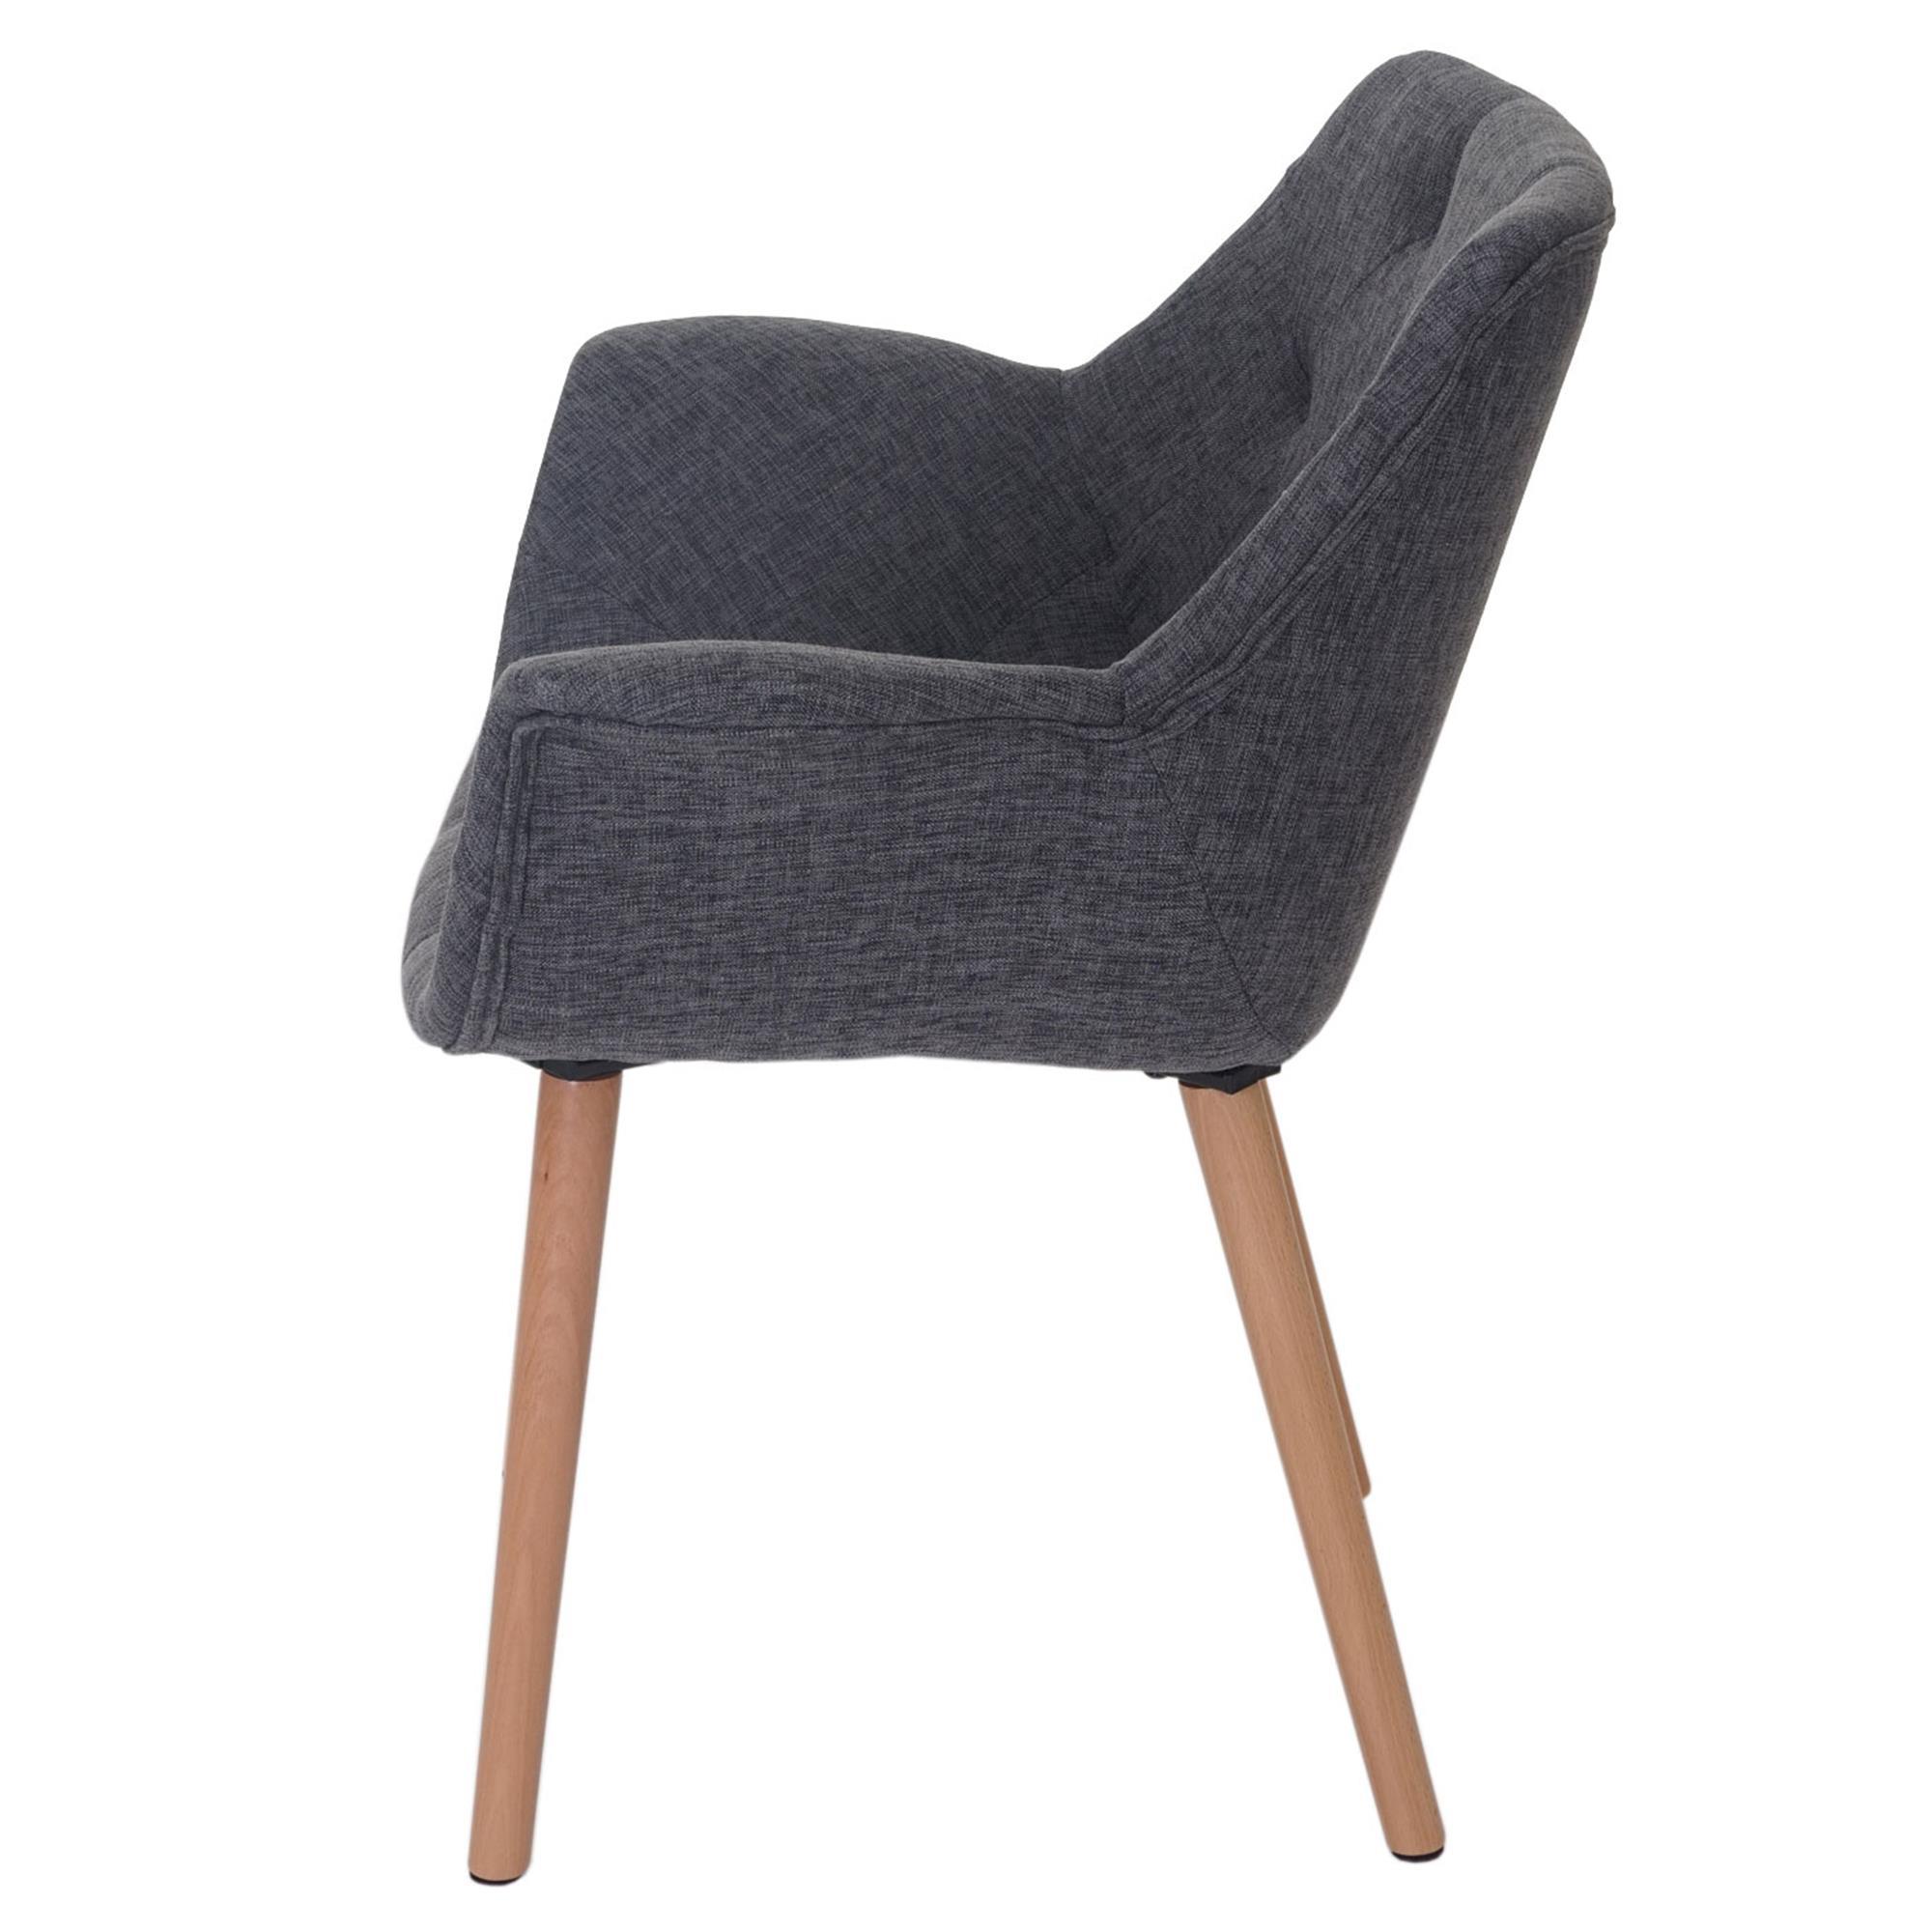 Lote 4 sillas de comedor alber tela estilo retro en gris for Sillas de tela comedor